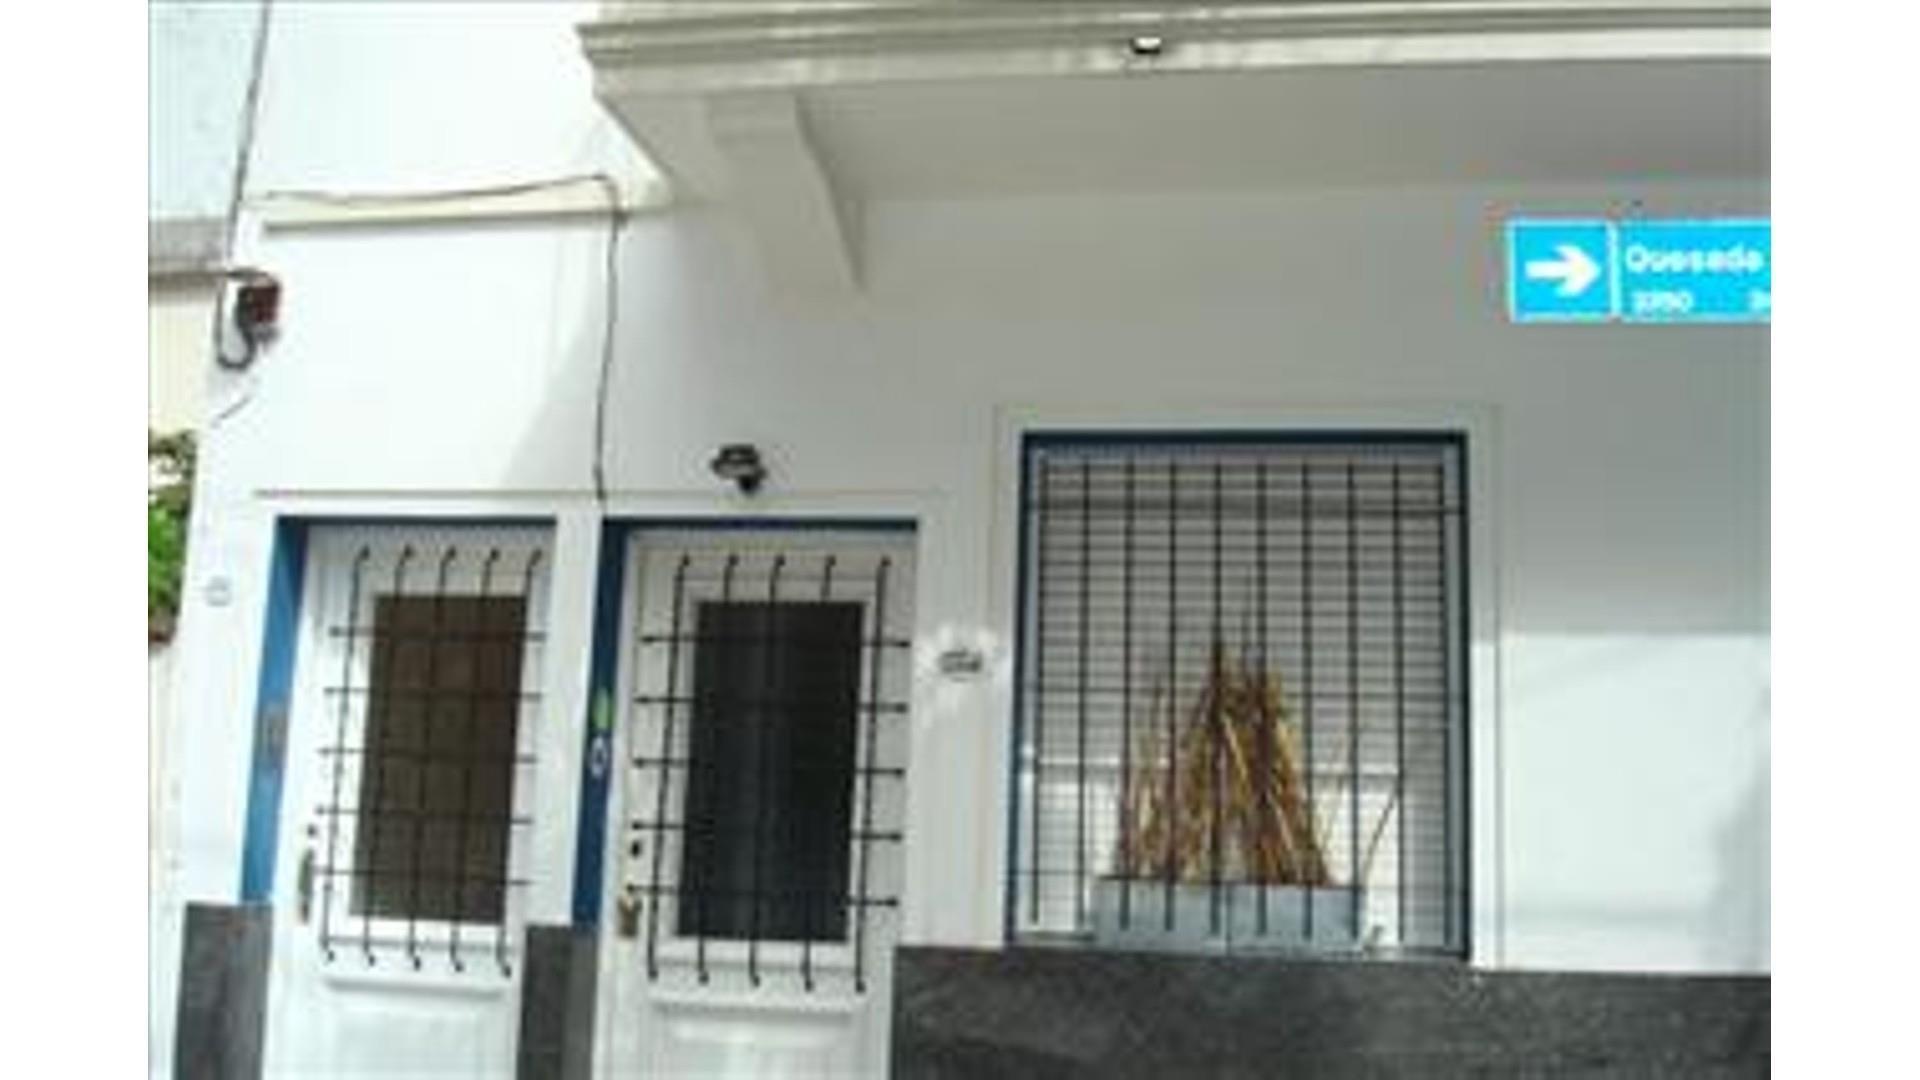 Departamento Tipo Casa en Venta 3 Dormitorios PATIO Y TERRAZ